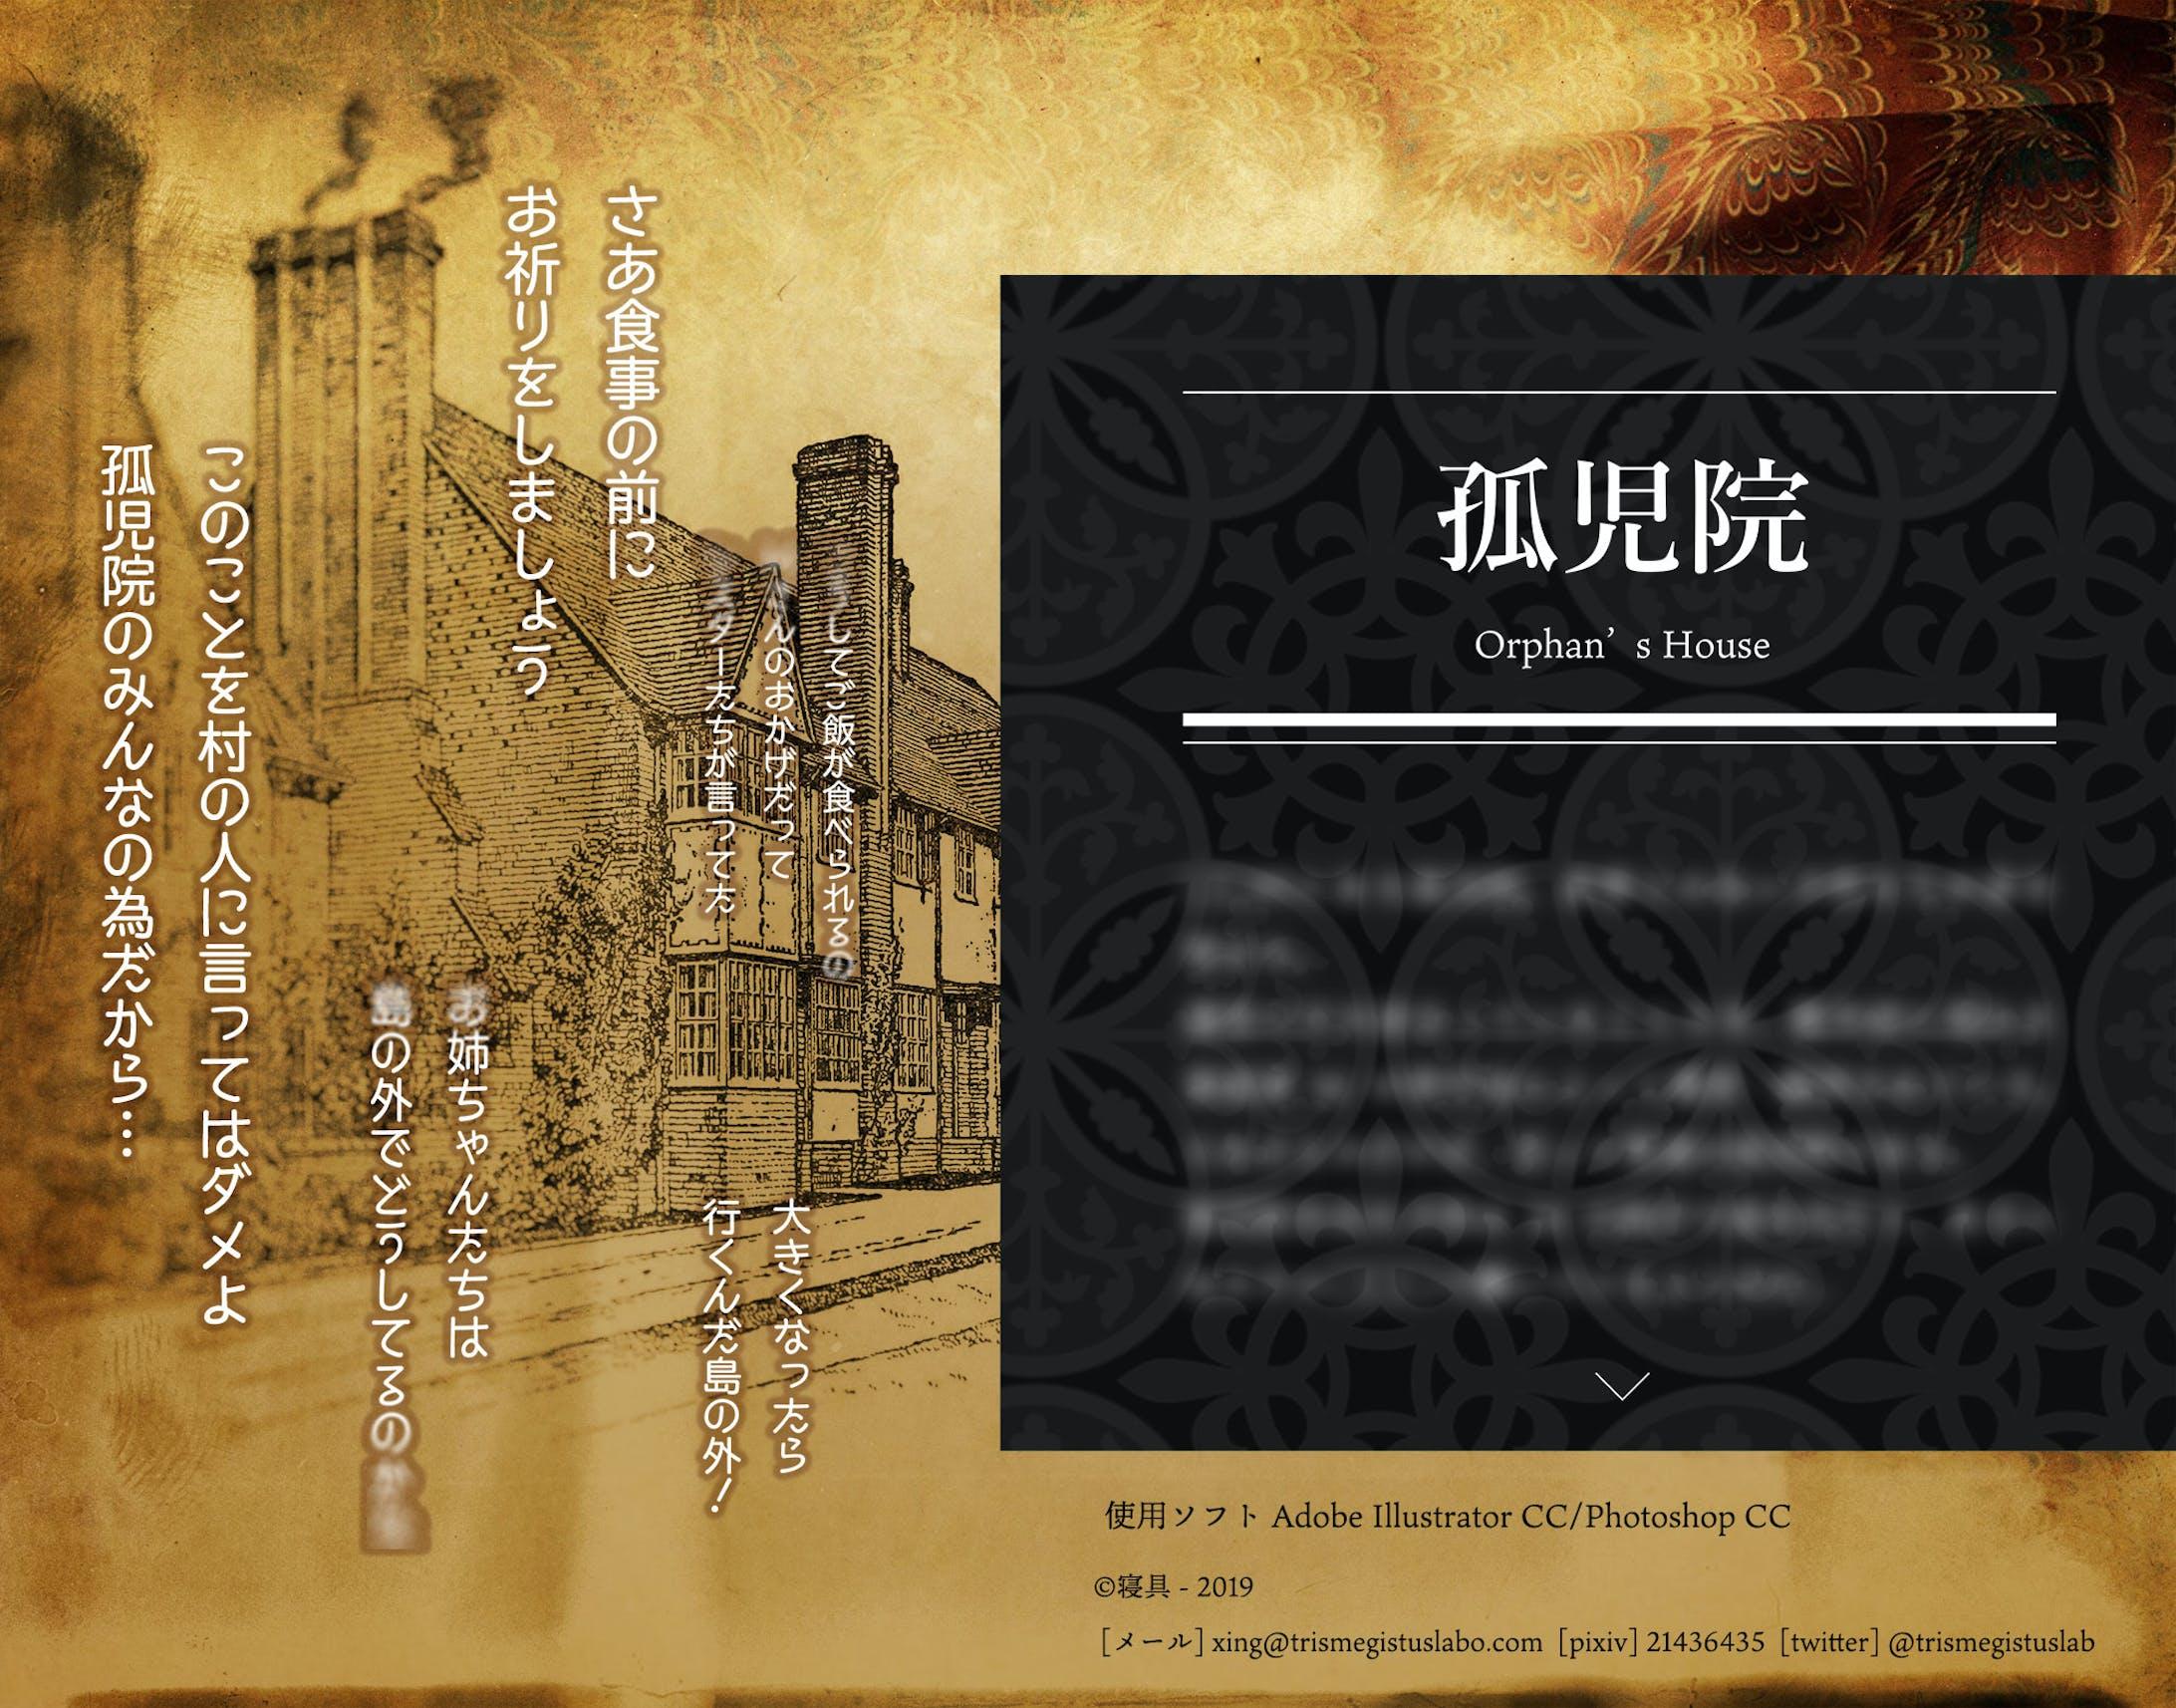 ゲーム背景画像・ややダークなイメージ-1